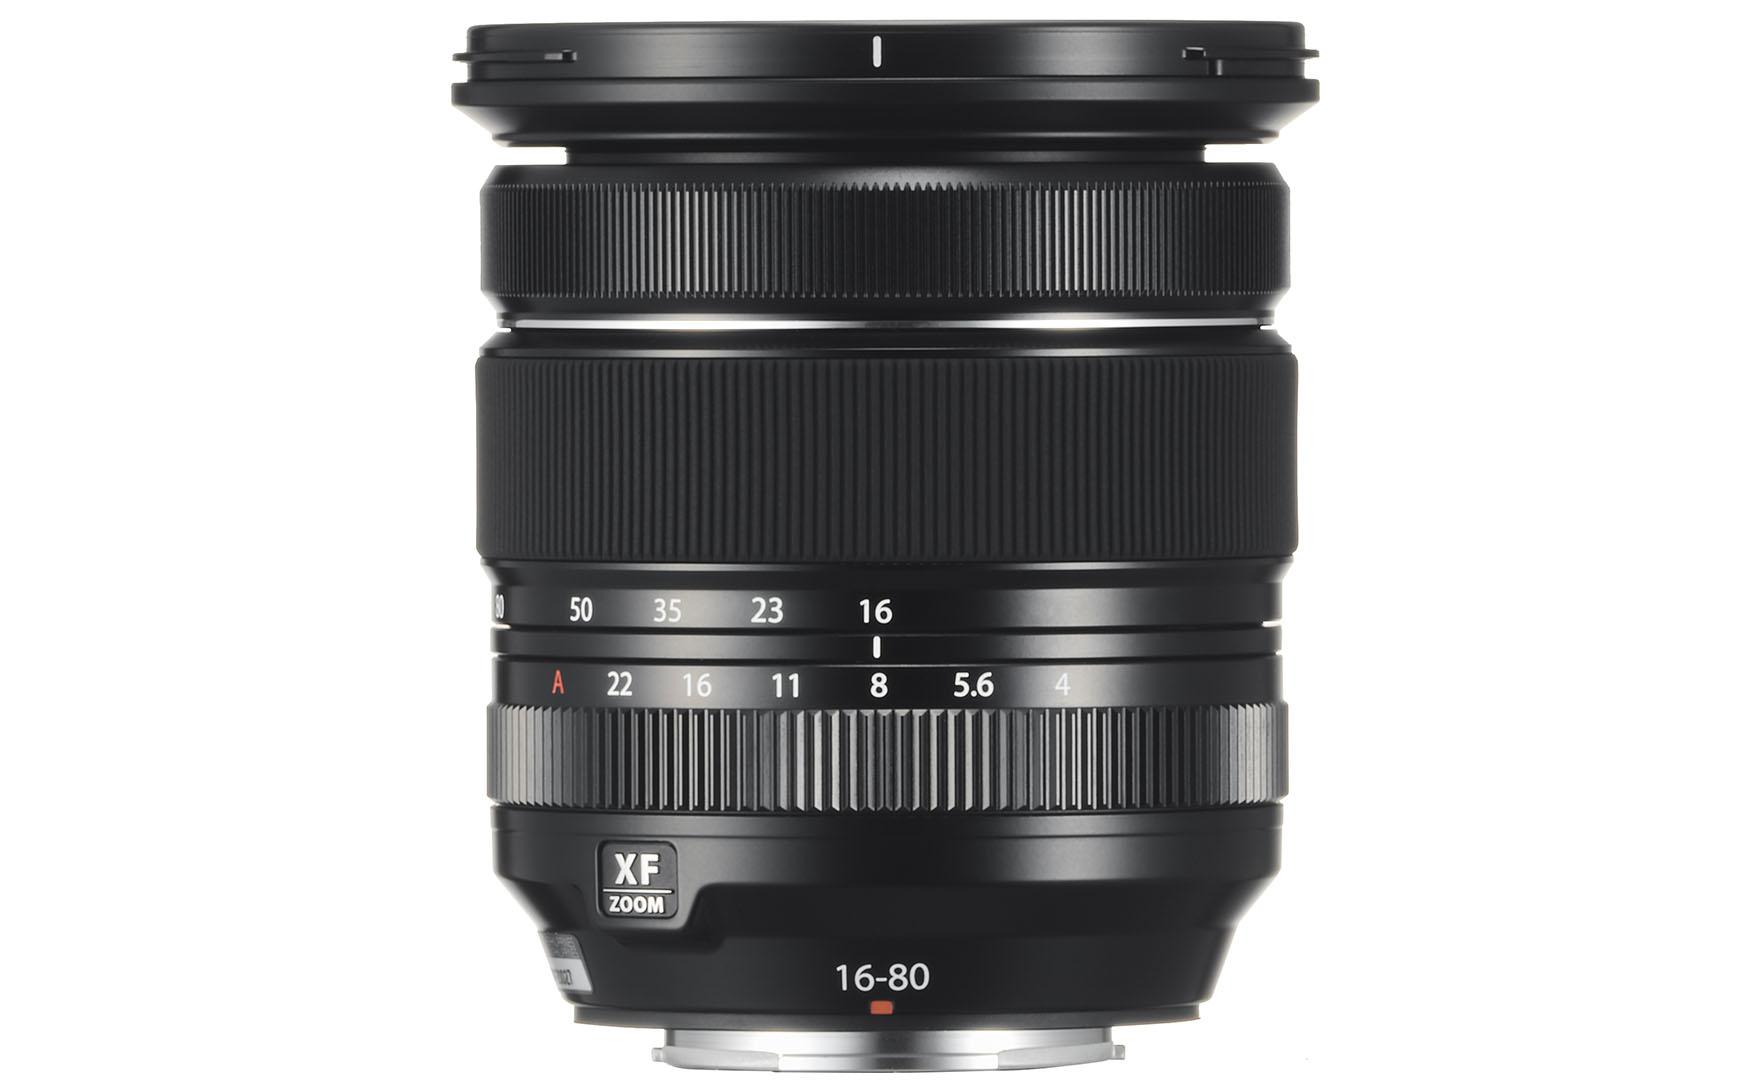 Fujinon-XF16-80mm-F4-R-OIS-WR-pic01.jpg